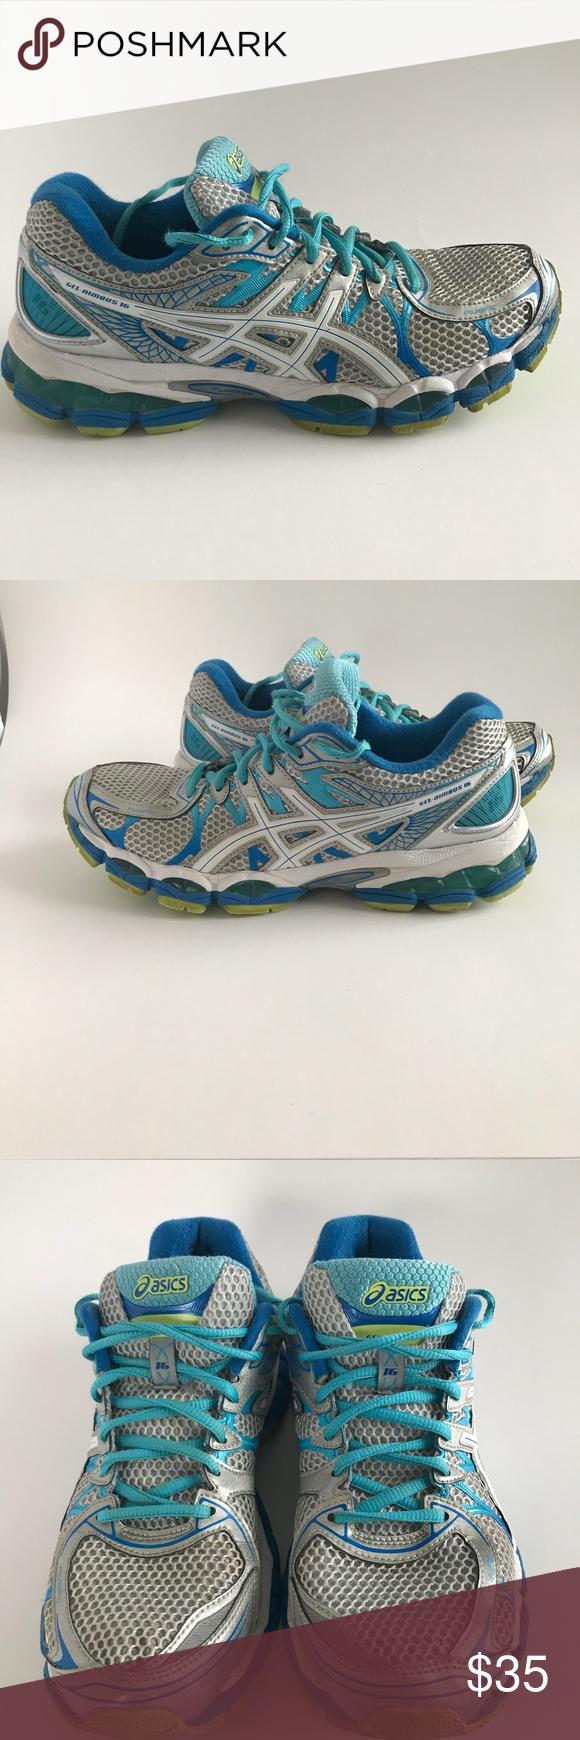 Chaussures de Nimbus course ASICS Gel course Nimbus 13938 16 pour femme taille   fad4b15 - propertiindonesia.site